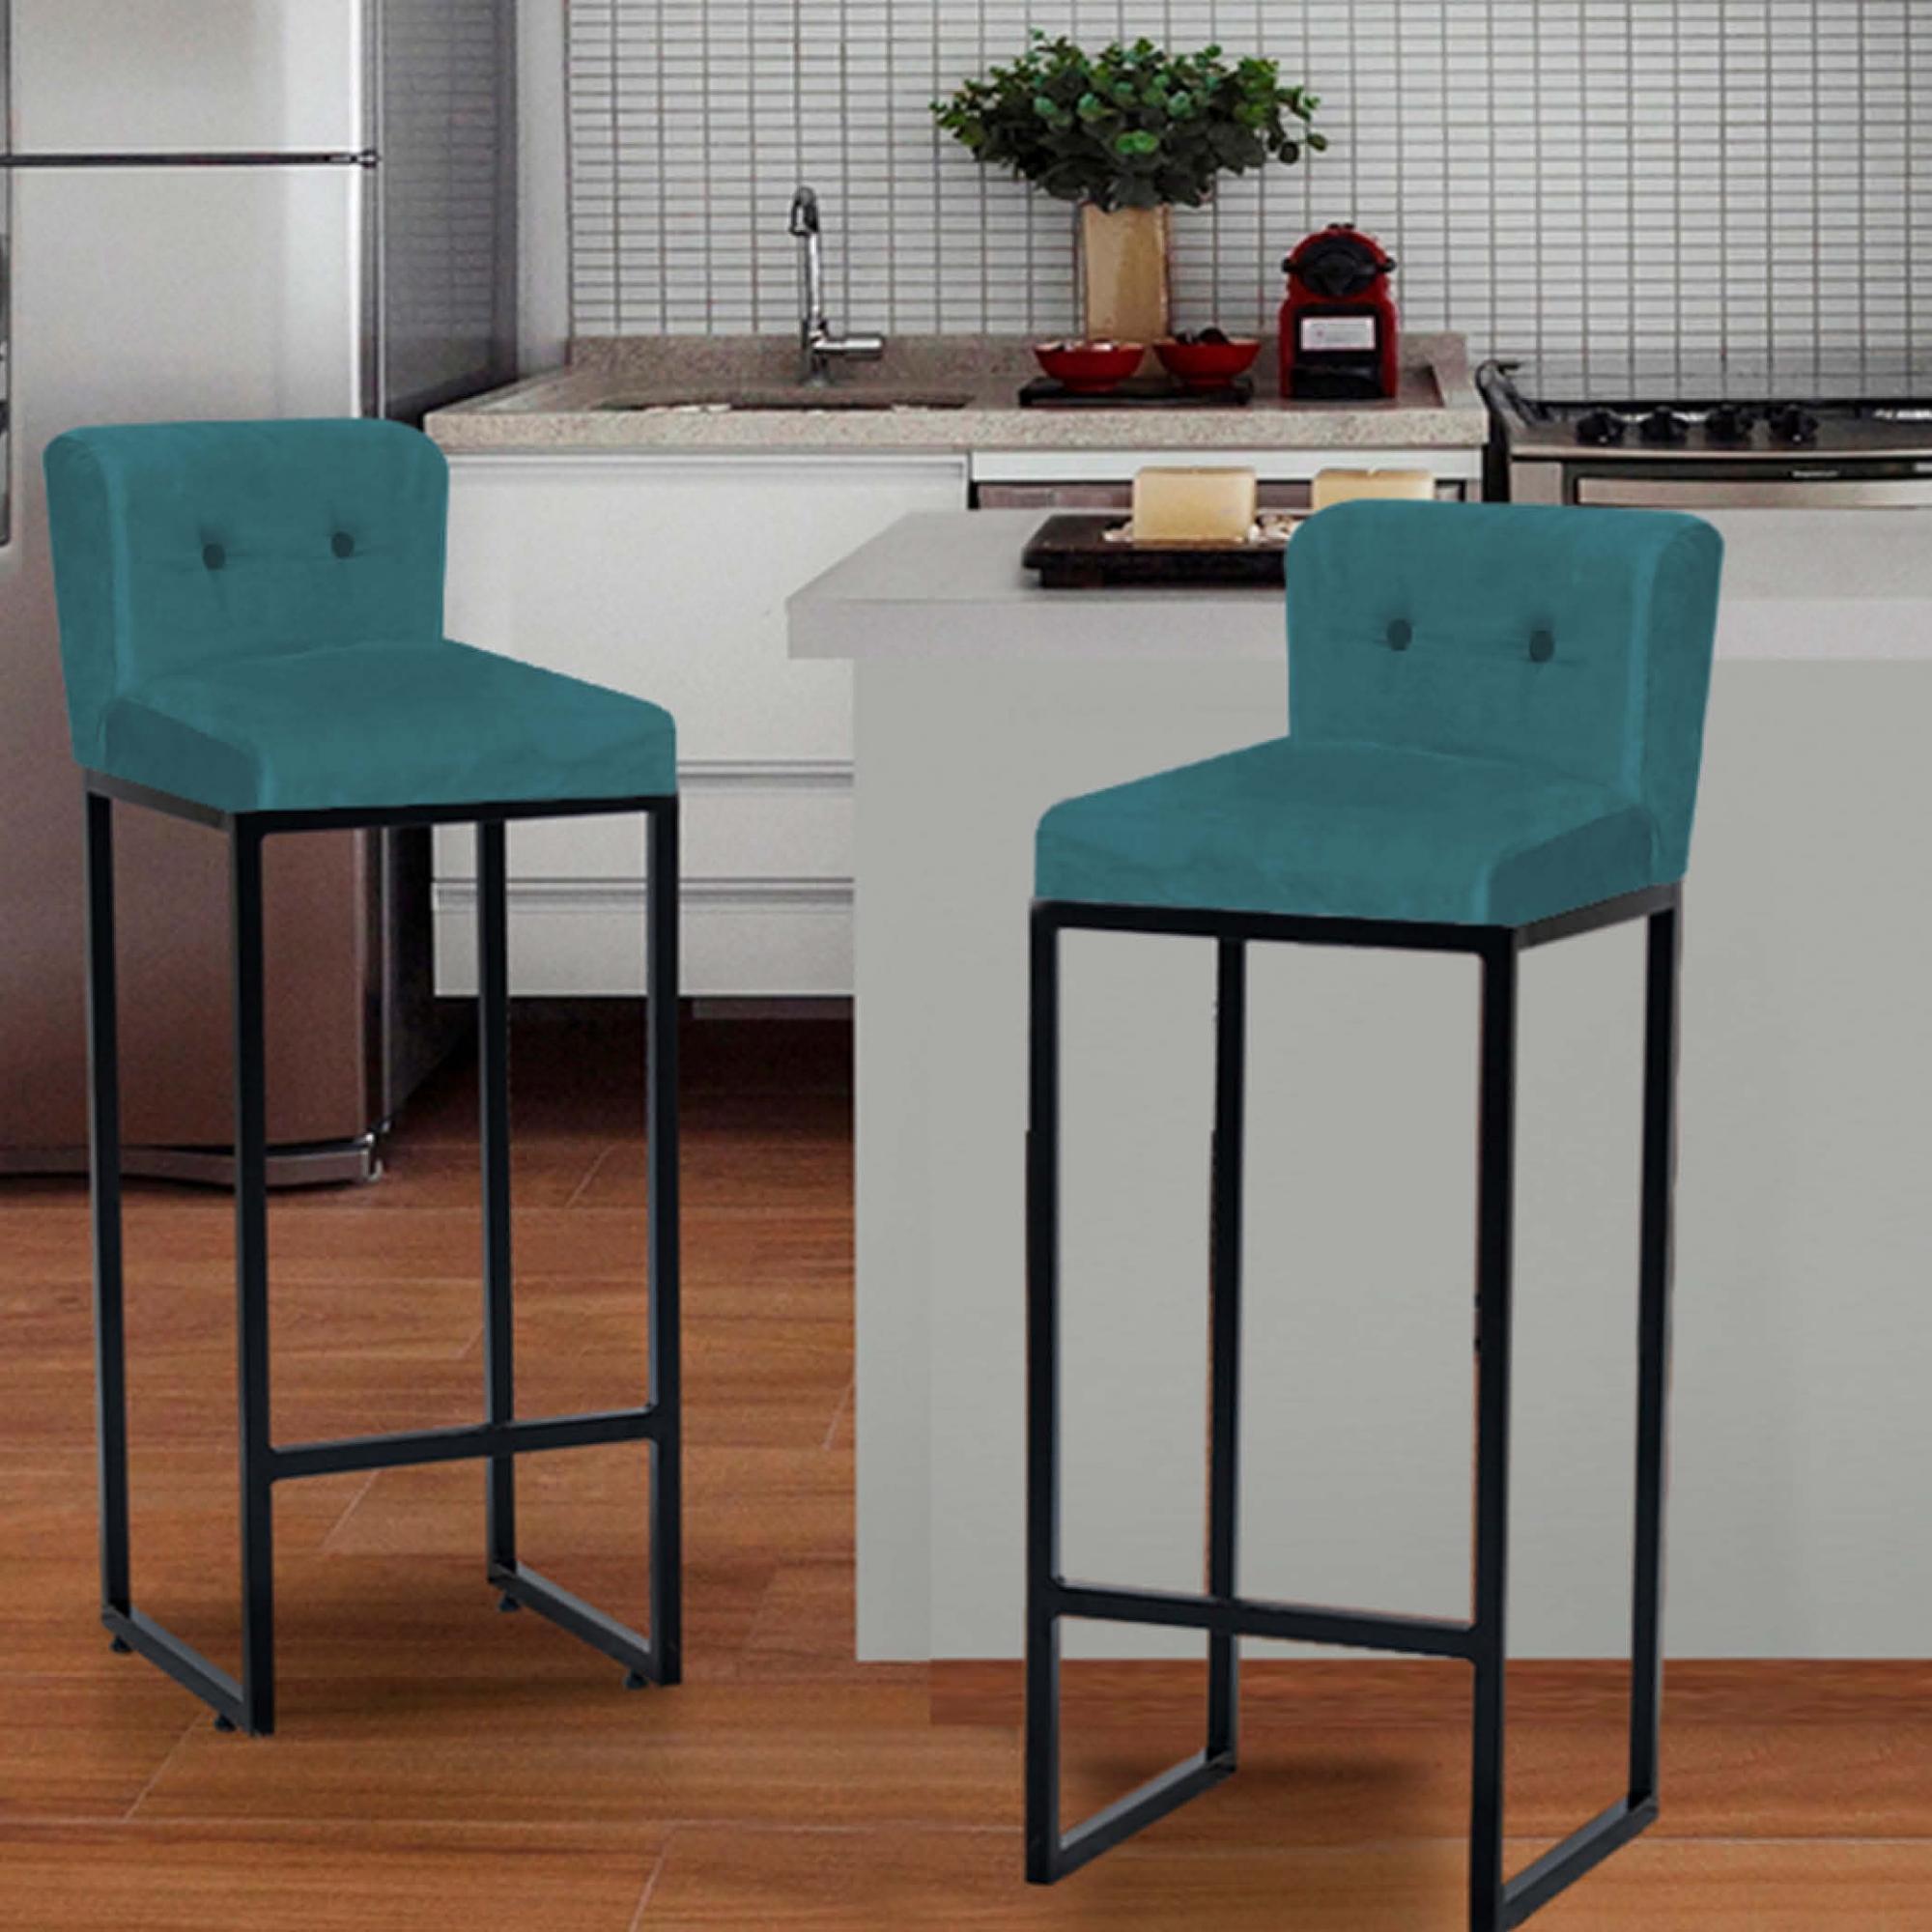 Kit 03 Banquetas Decorativa Alta Loues Suede Azul Turquesa Com Botão e Encosto Para Cozinha Bar Balcão Bistrô Pé de Ferro Preto -Bela Casa Shop